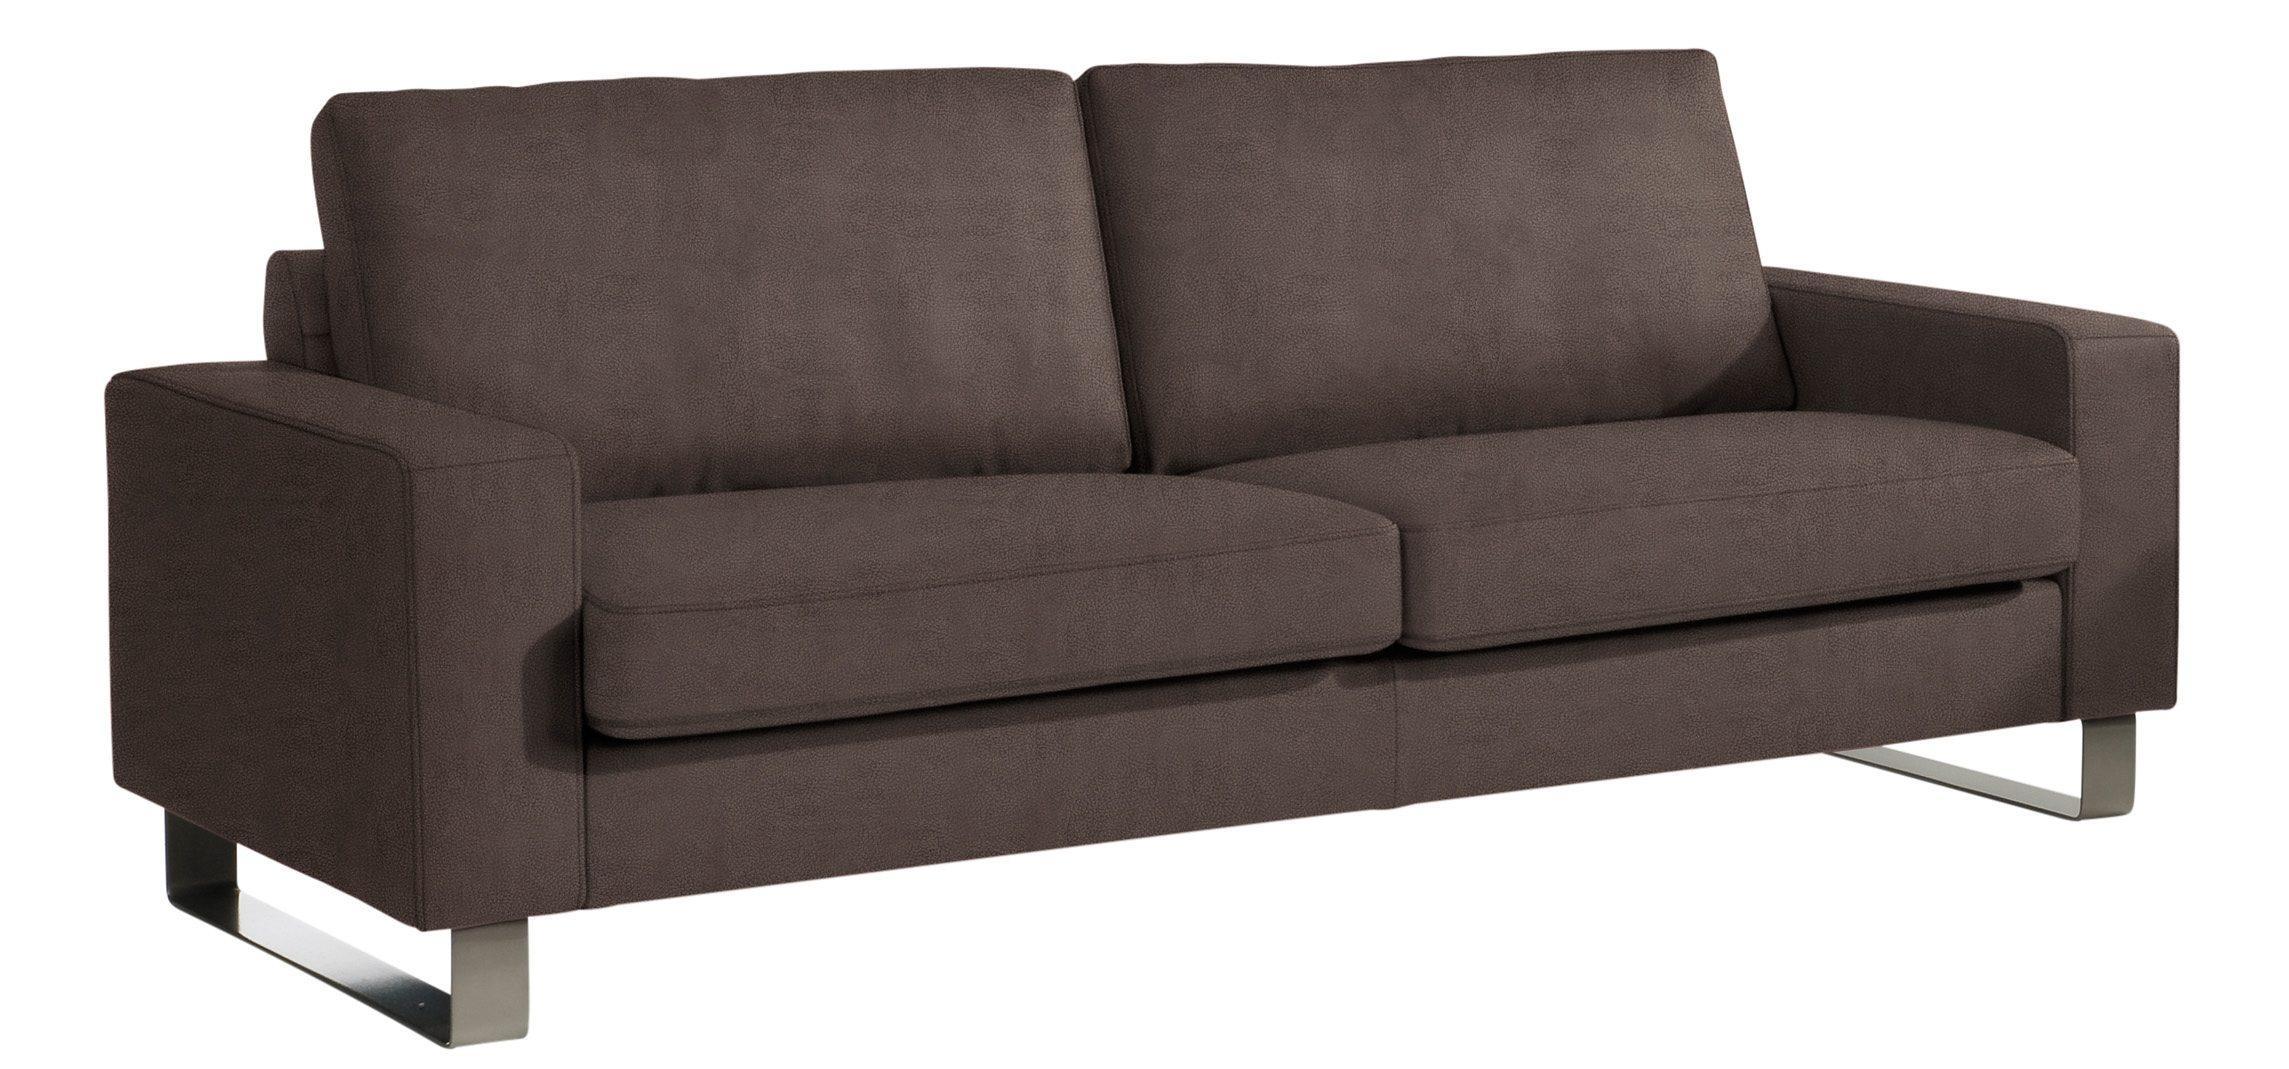 ewald schillig sessel florenz ewald schillig. Black Bedroom Furniture Sets. Home Design Ideas